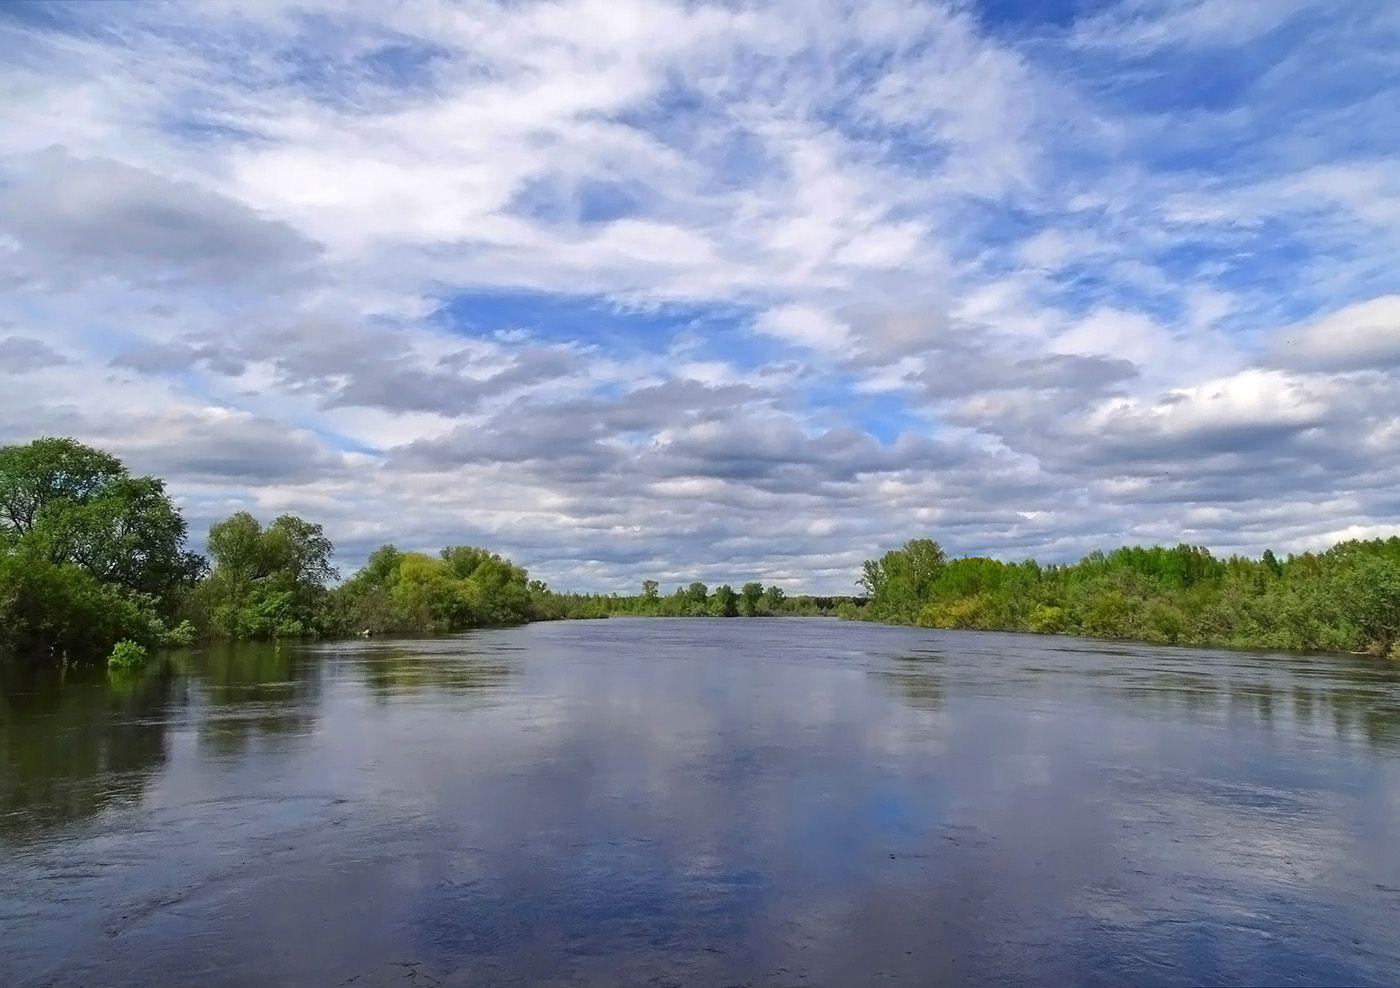 Полноводная река Сибирь лето природа пейзаж река